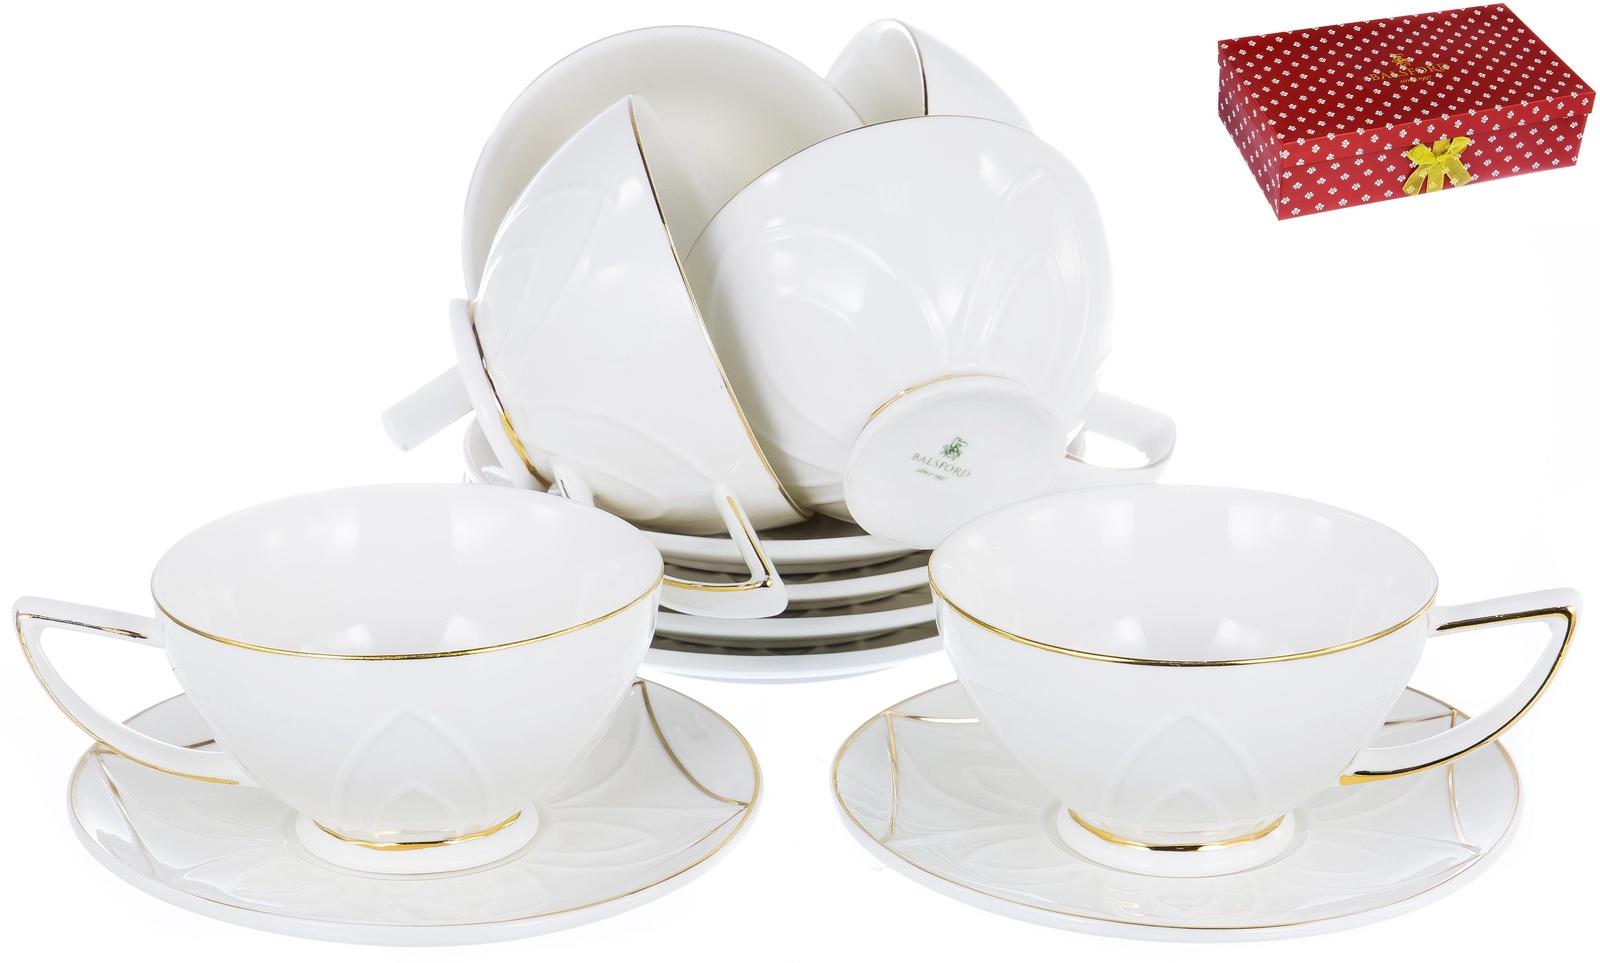 ГРАЦИЯ, набор чайный, 6 чашек 200мл, 6 блюдец, NEW BONE CHINA, декор - белый с золотом, подарочная упаковка, ТМ Balsford, артикул 101-12007 стоимость